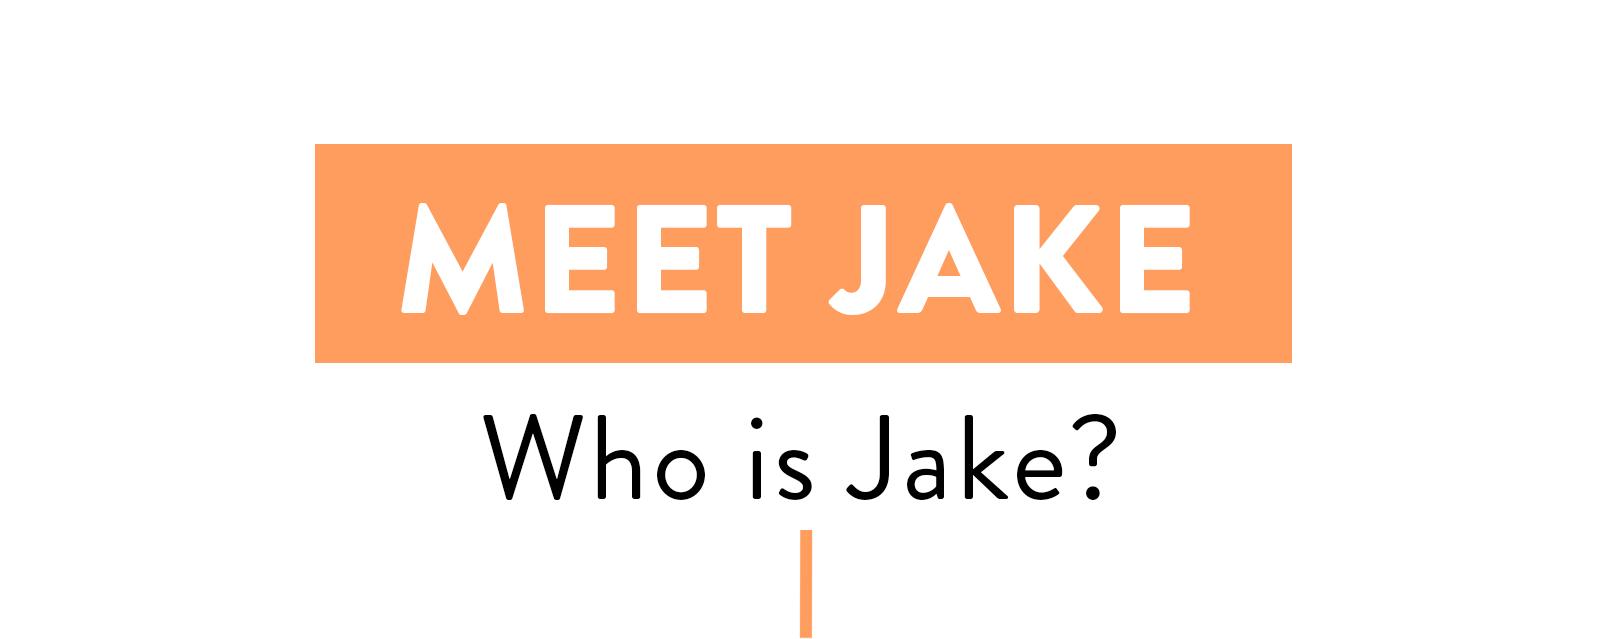 meet-Jake-w